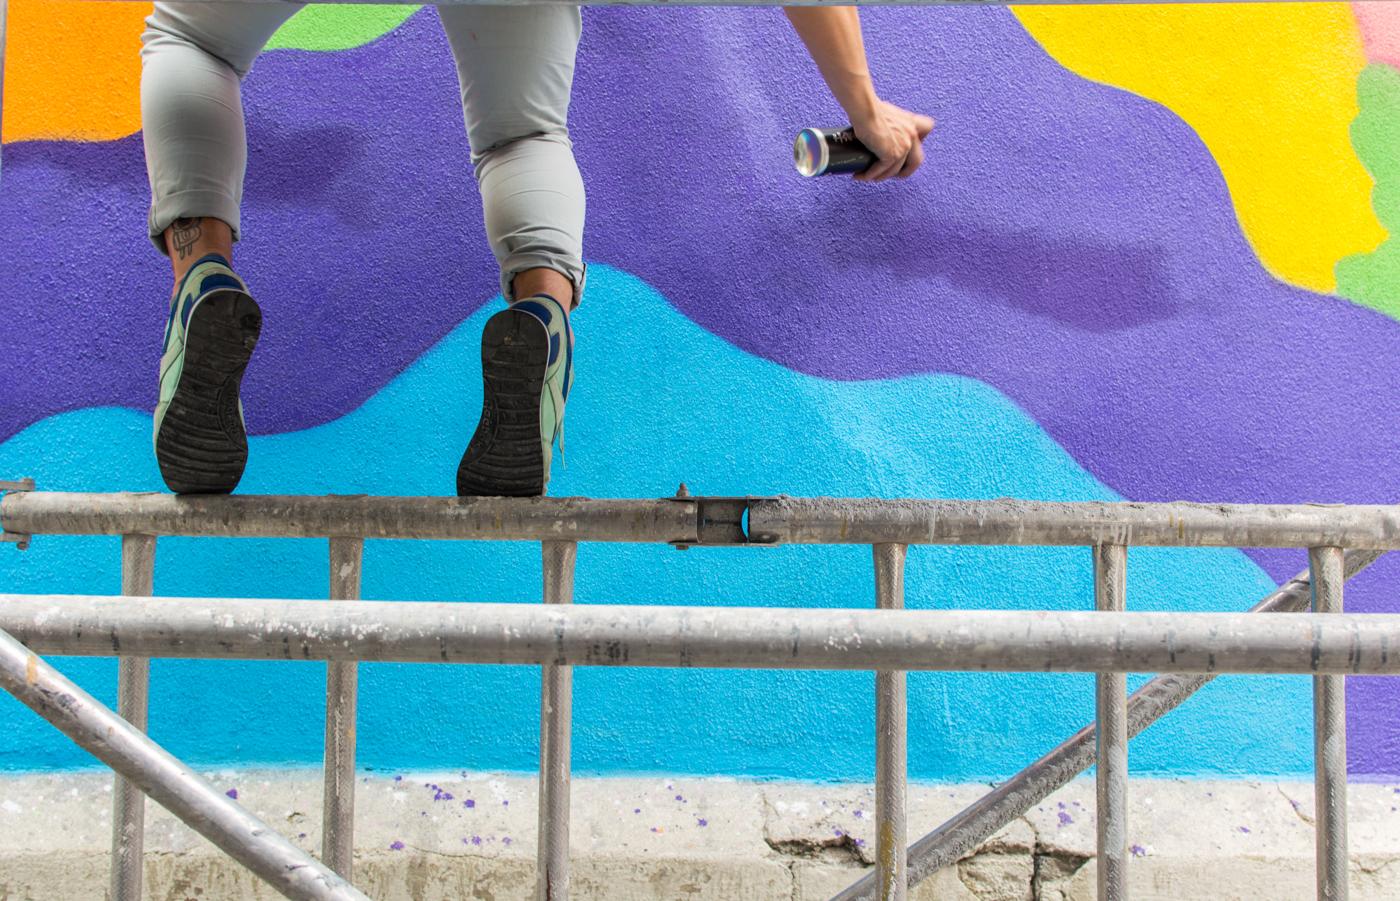 Grip Face - MurosTabacalera by Guillermo de la Madrid - Madrid Street Art Project-002.jpg